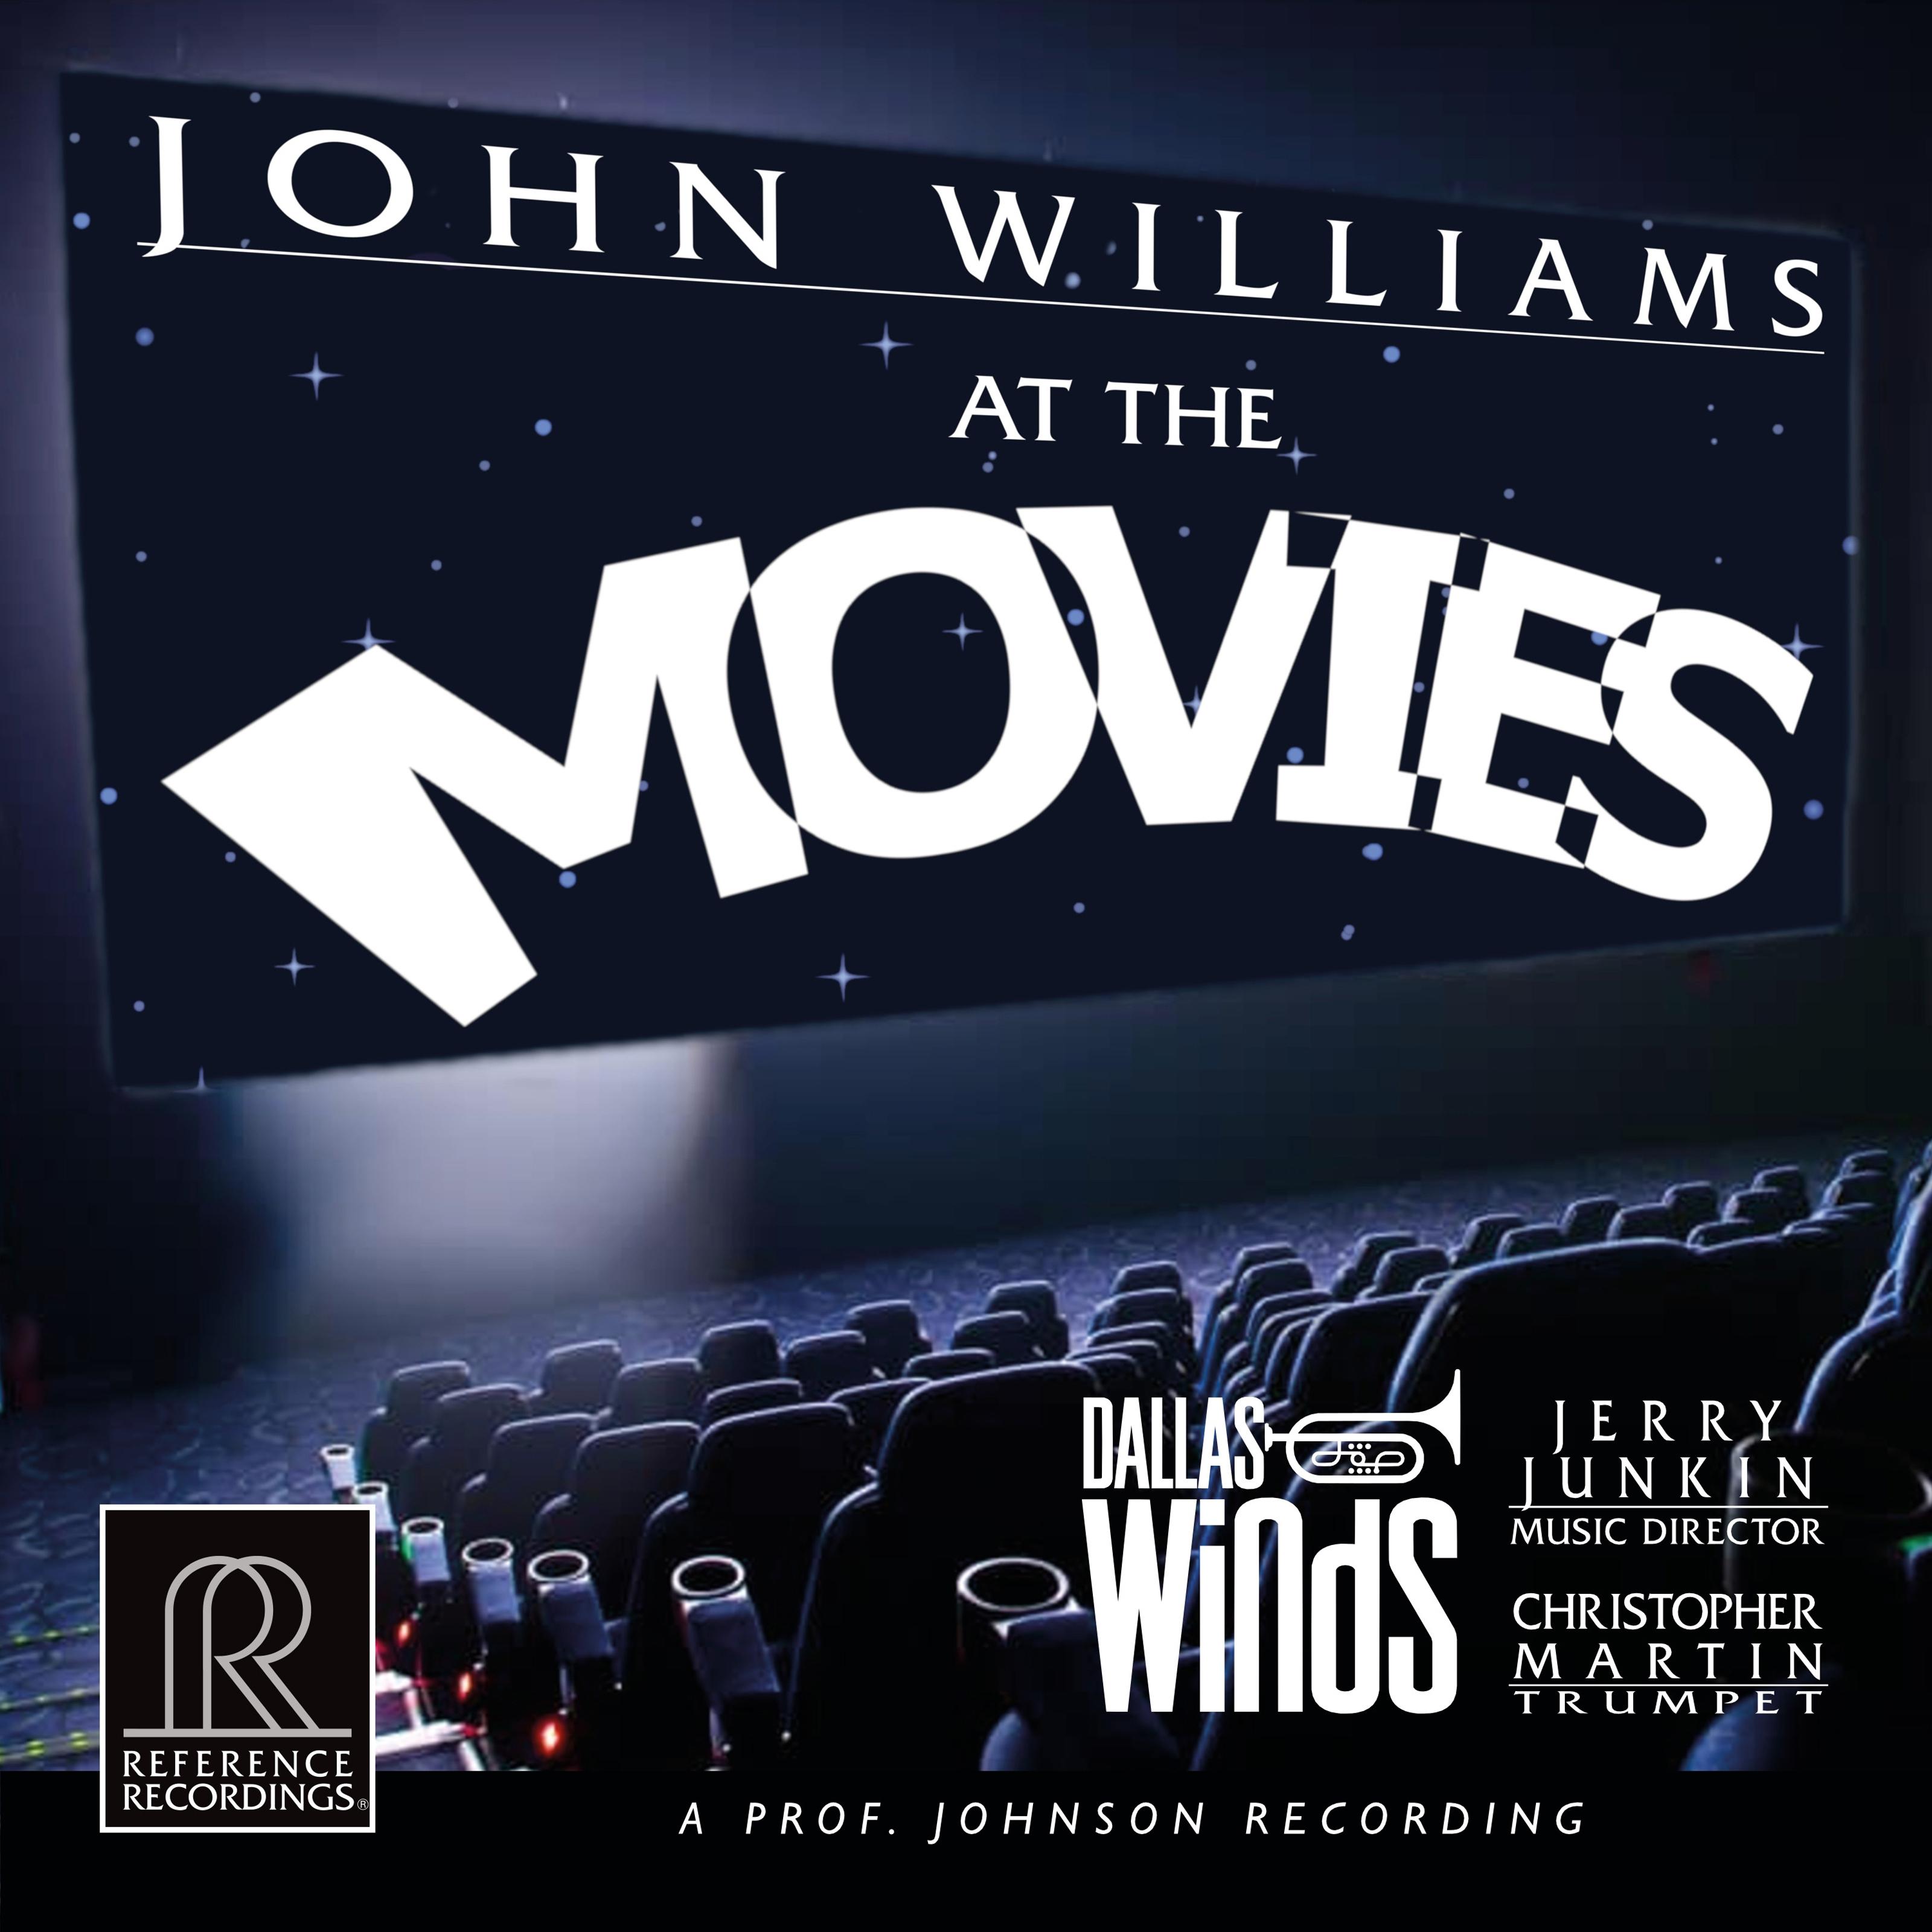 John Williams at the Movies